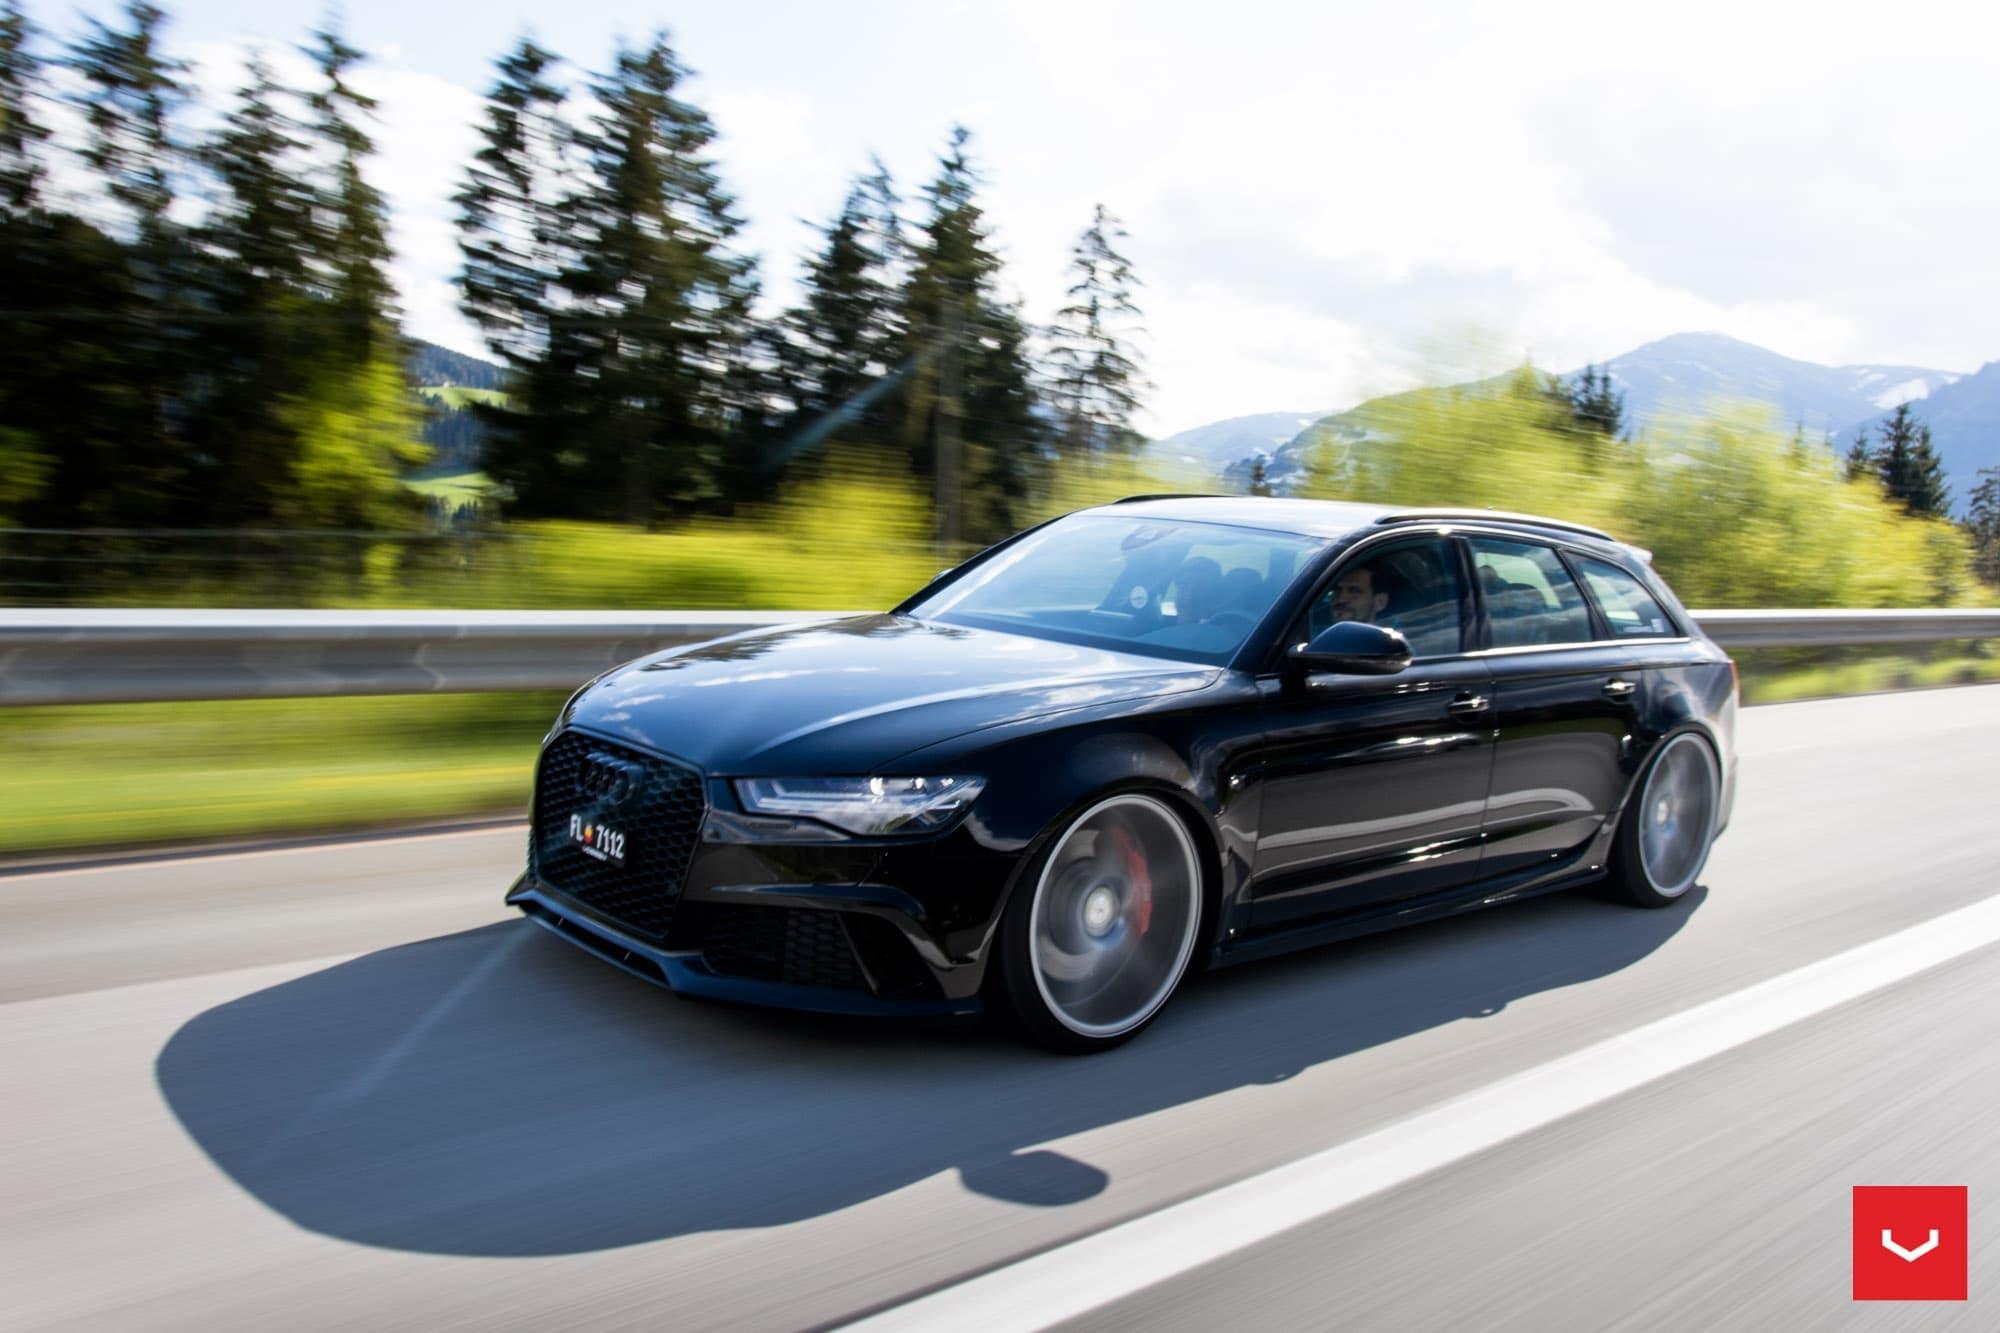 Kelebihan Kekurangan Audi Rs6 2016 Spesifikasi